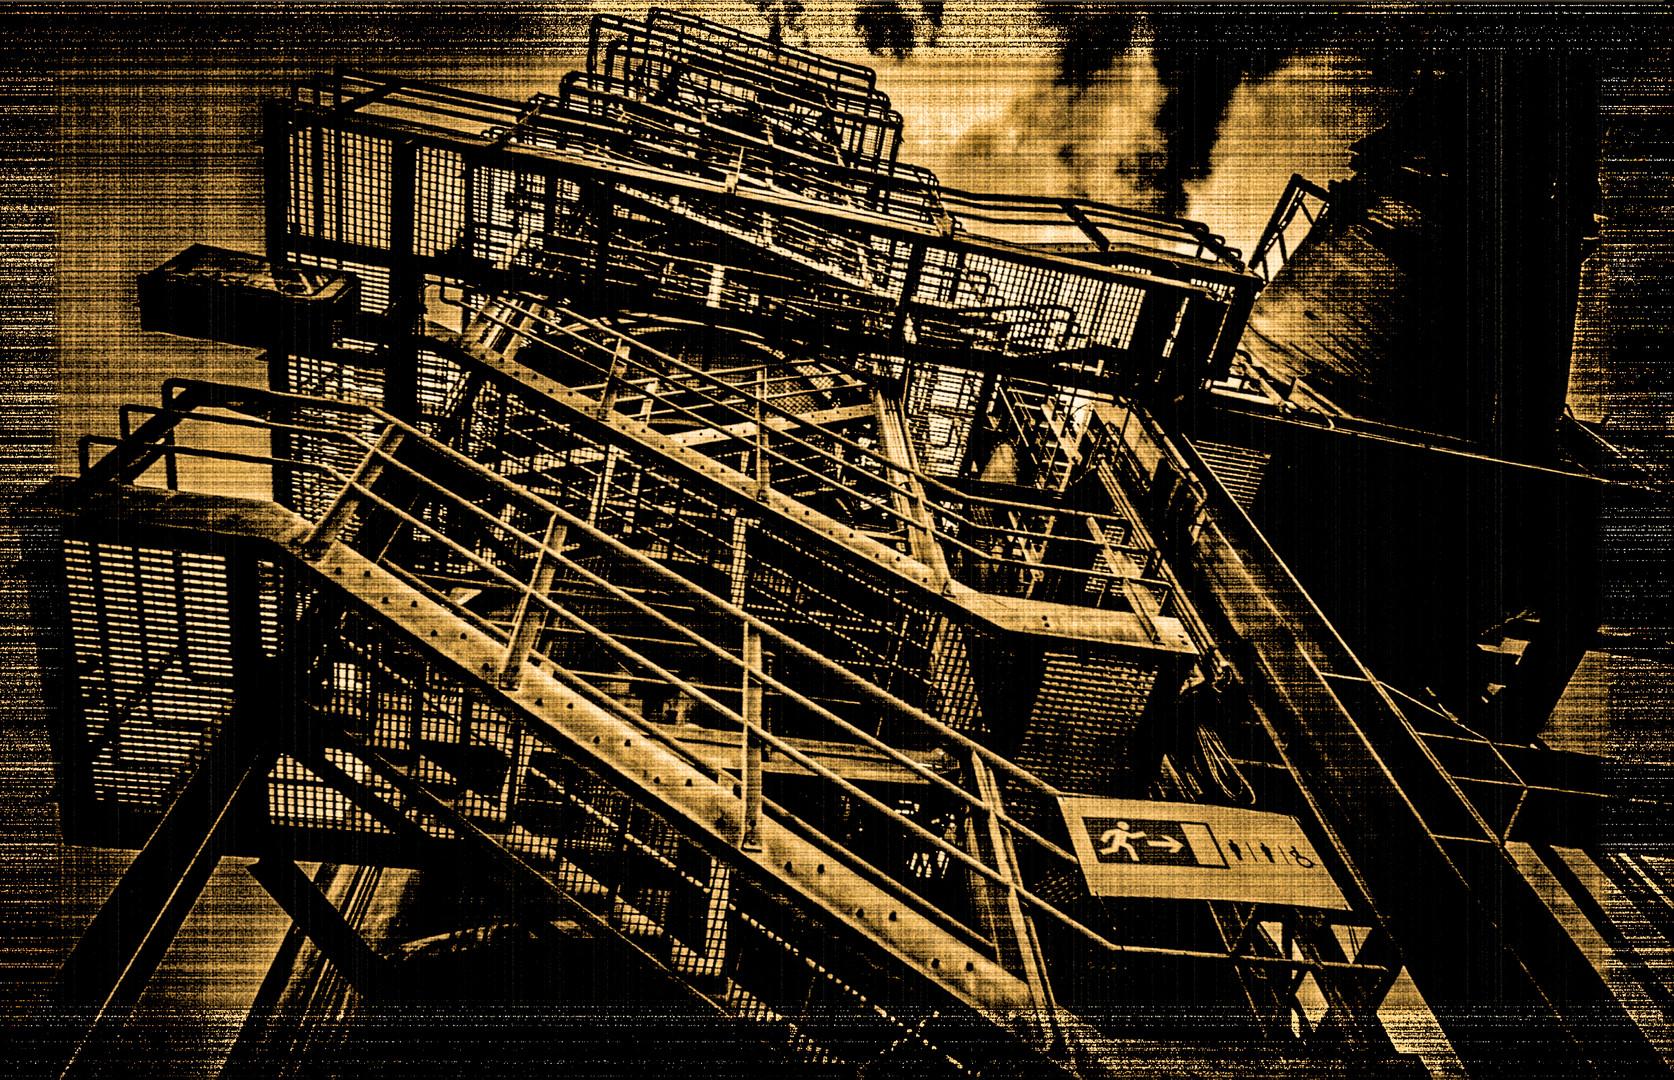 Industriegeschichten